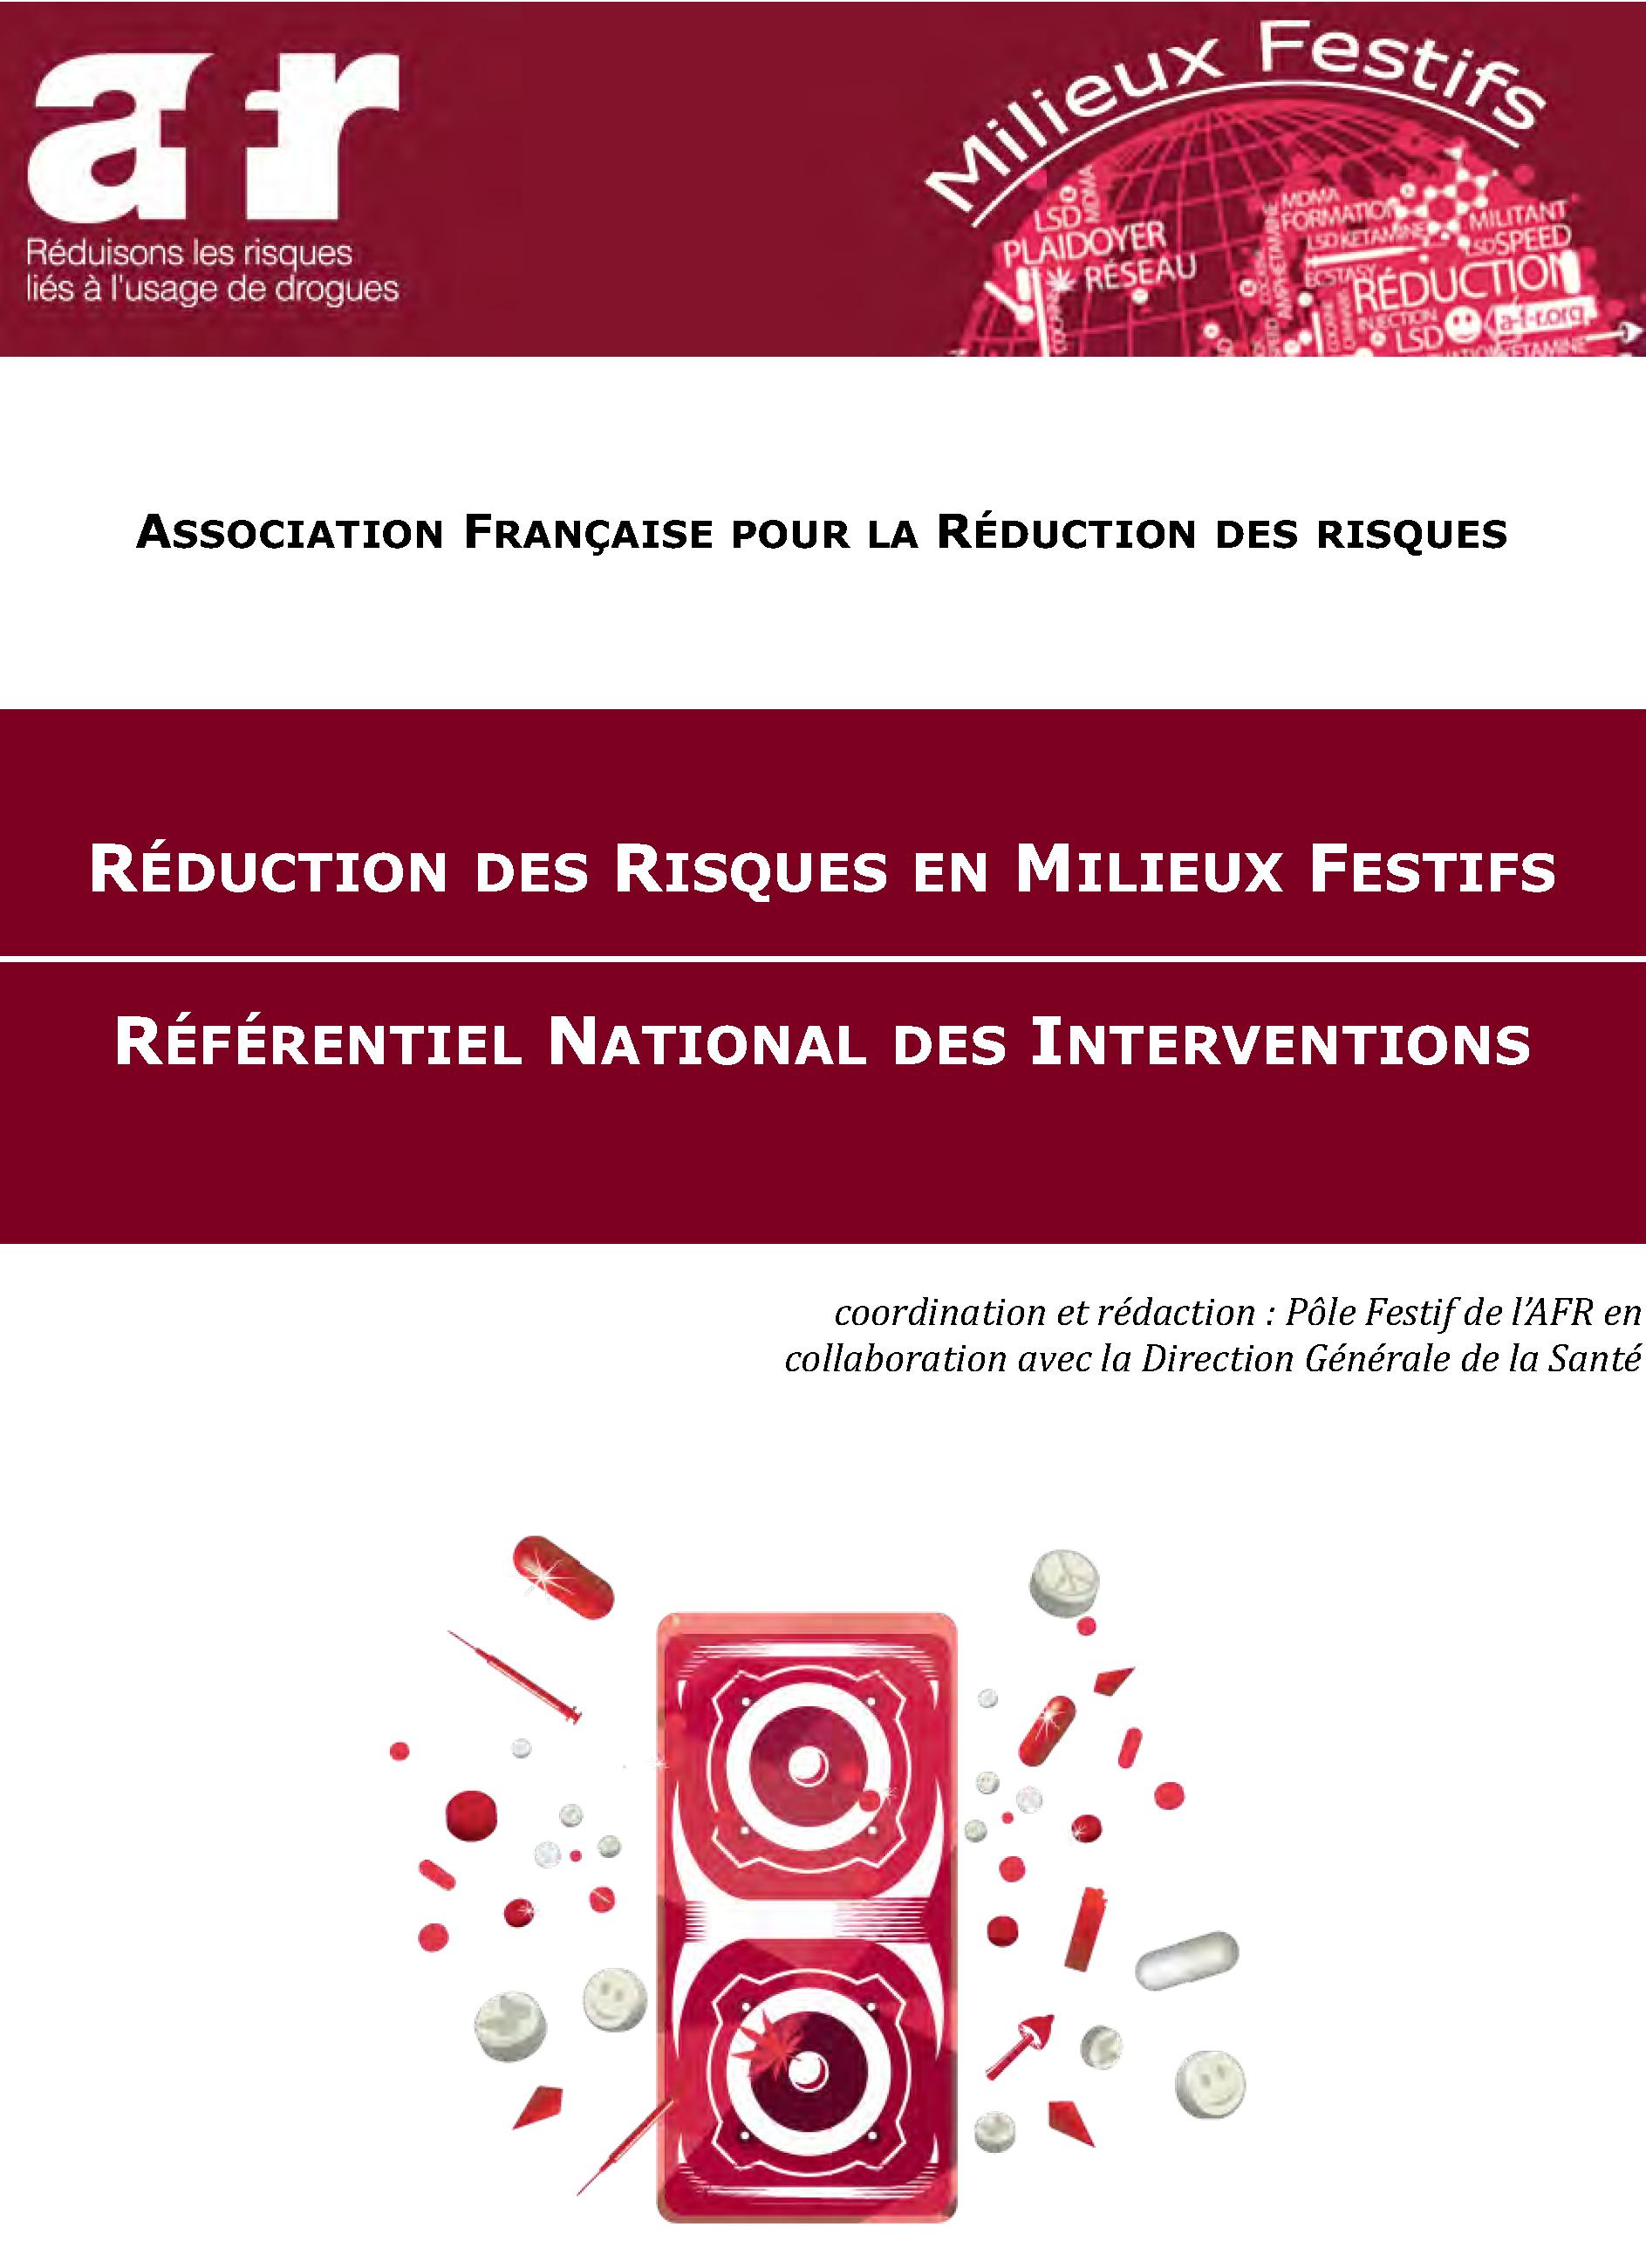 2012 [AFR] Référentiel national des interventions de RdR en milieux festifs couv